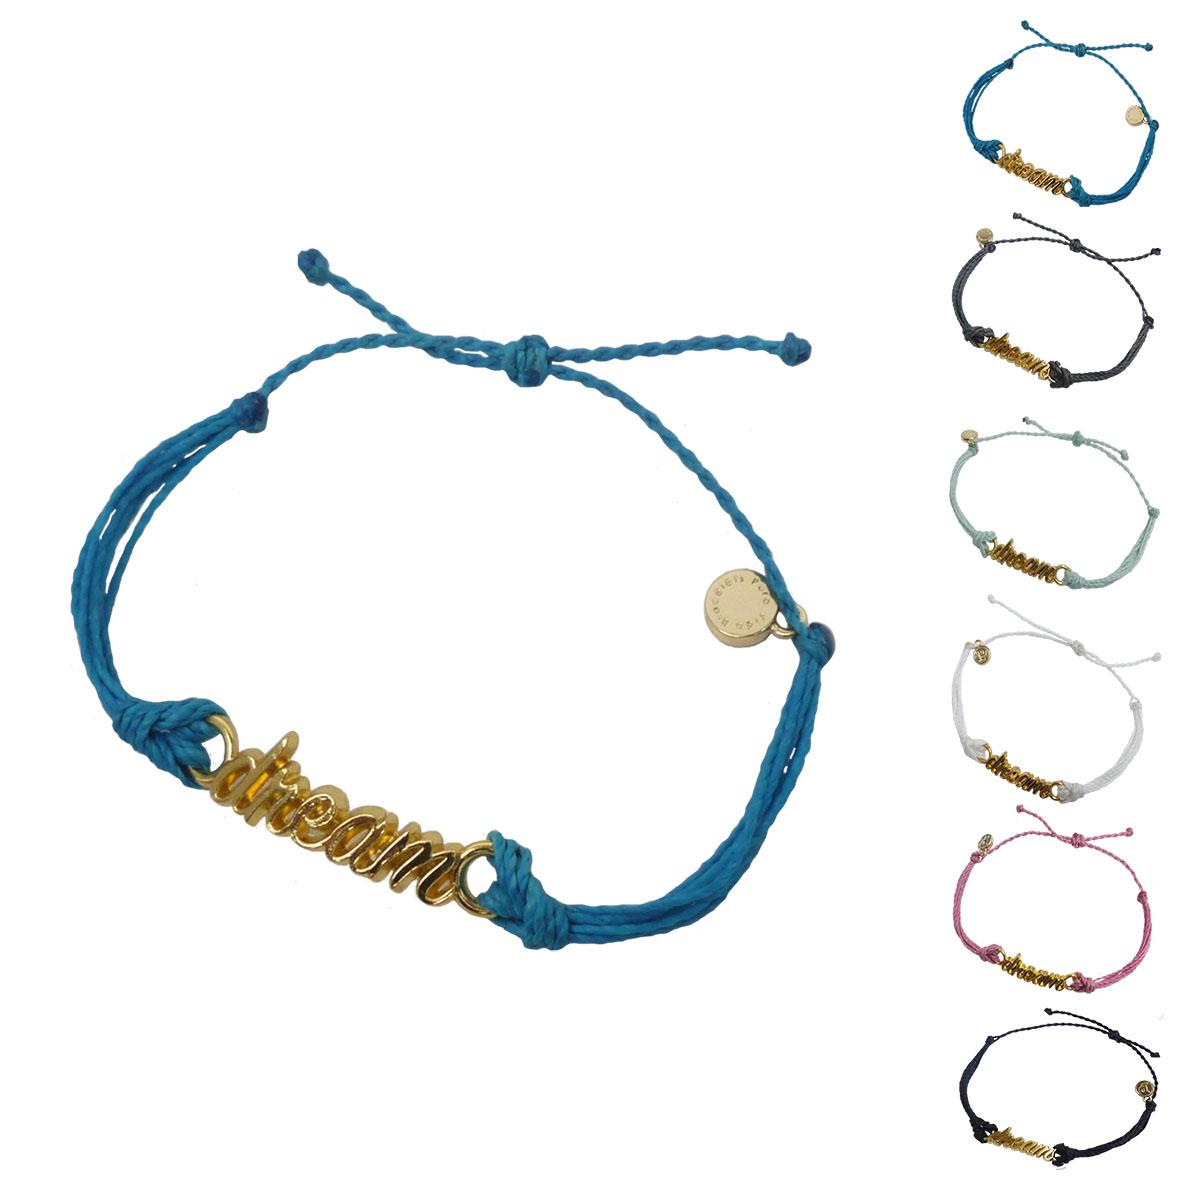 画像1: puravida bracelets プラヴィダブレスレット GOLD WORD DREAM 全6色 レディース/メンズ (1)